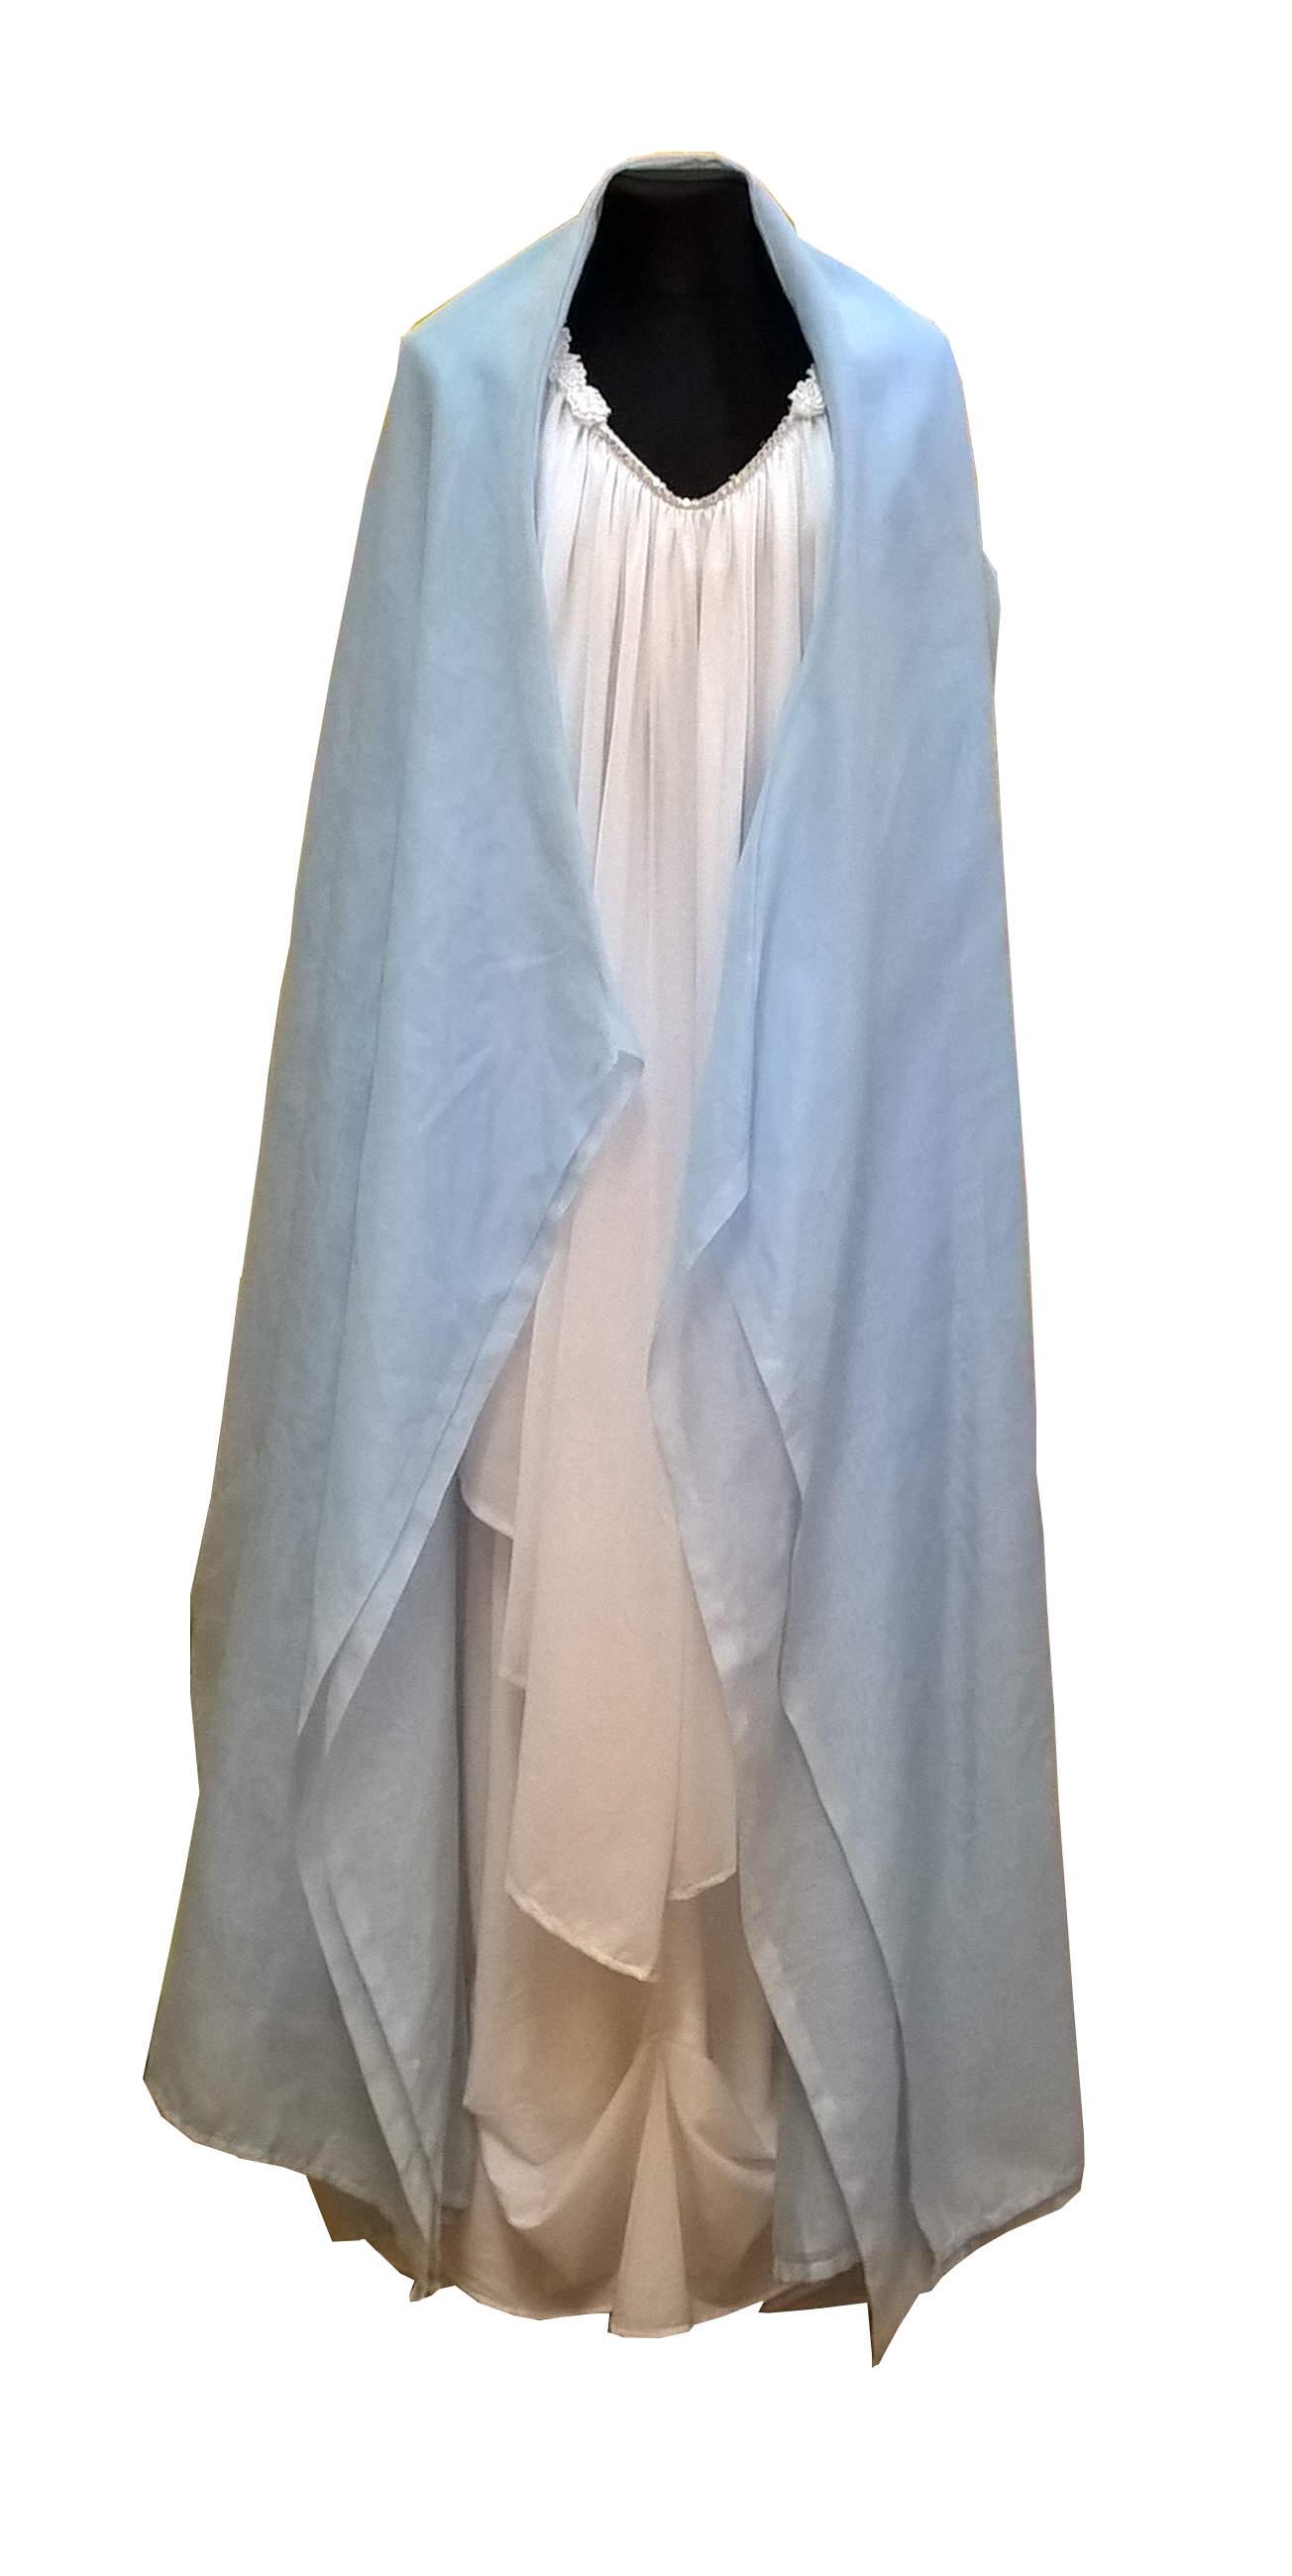 Švenčiausios Mergelės Marijos kostiumas. Kalėdų karnavaliniai kostiumai. Karnavalinių kostiumų nuoma vaikams Vilniuje - pasakunamai.lt